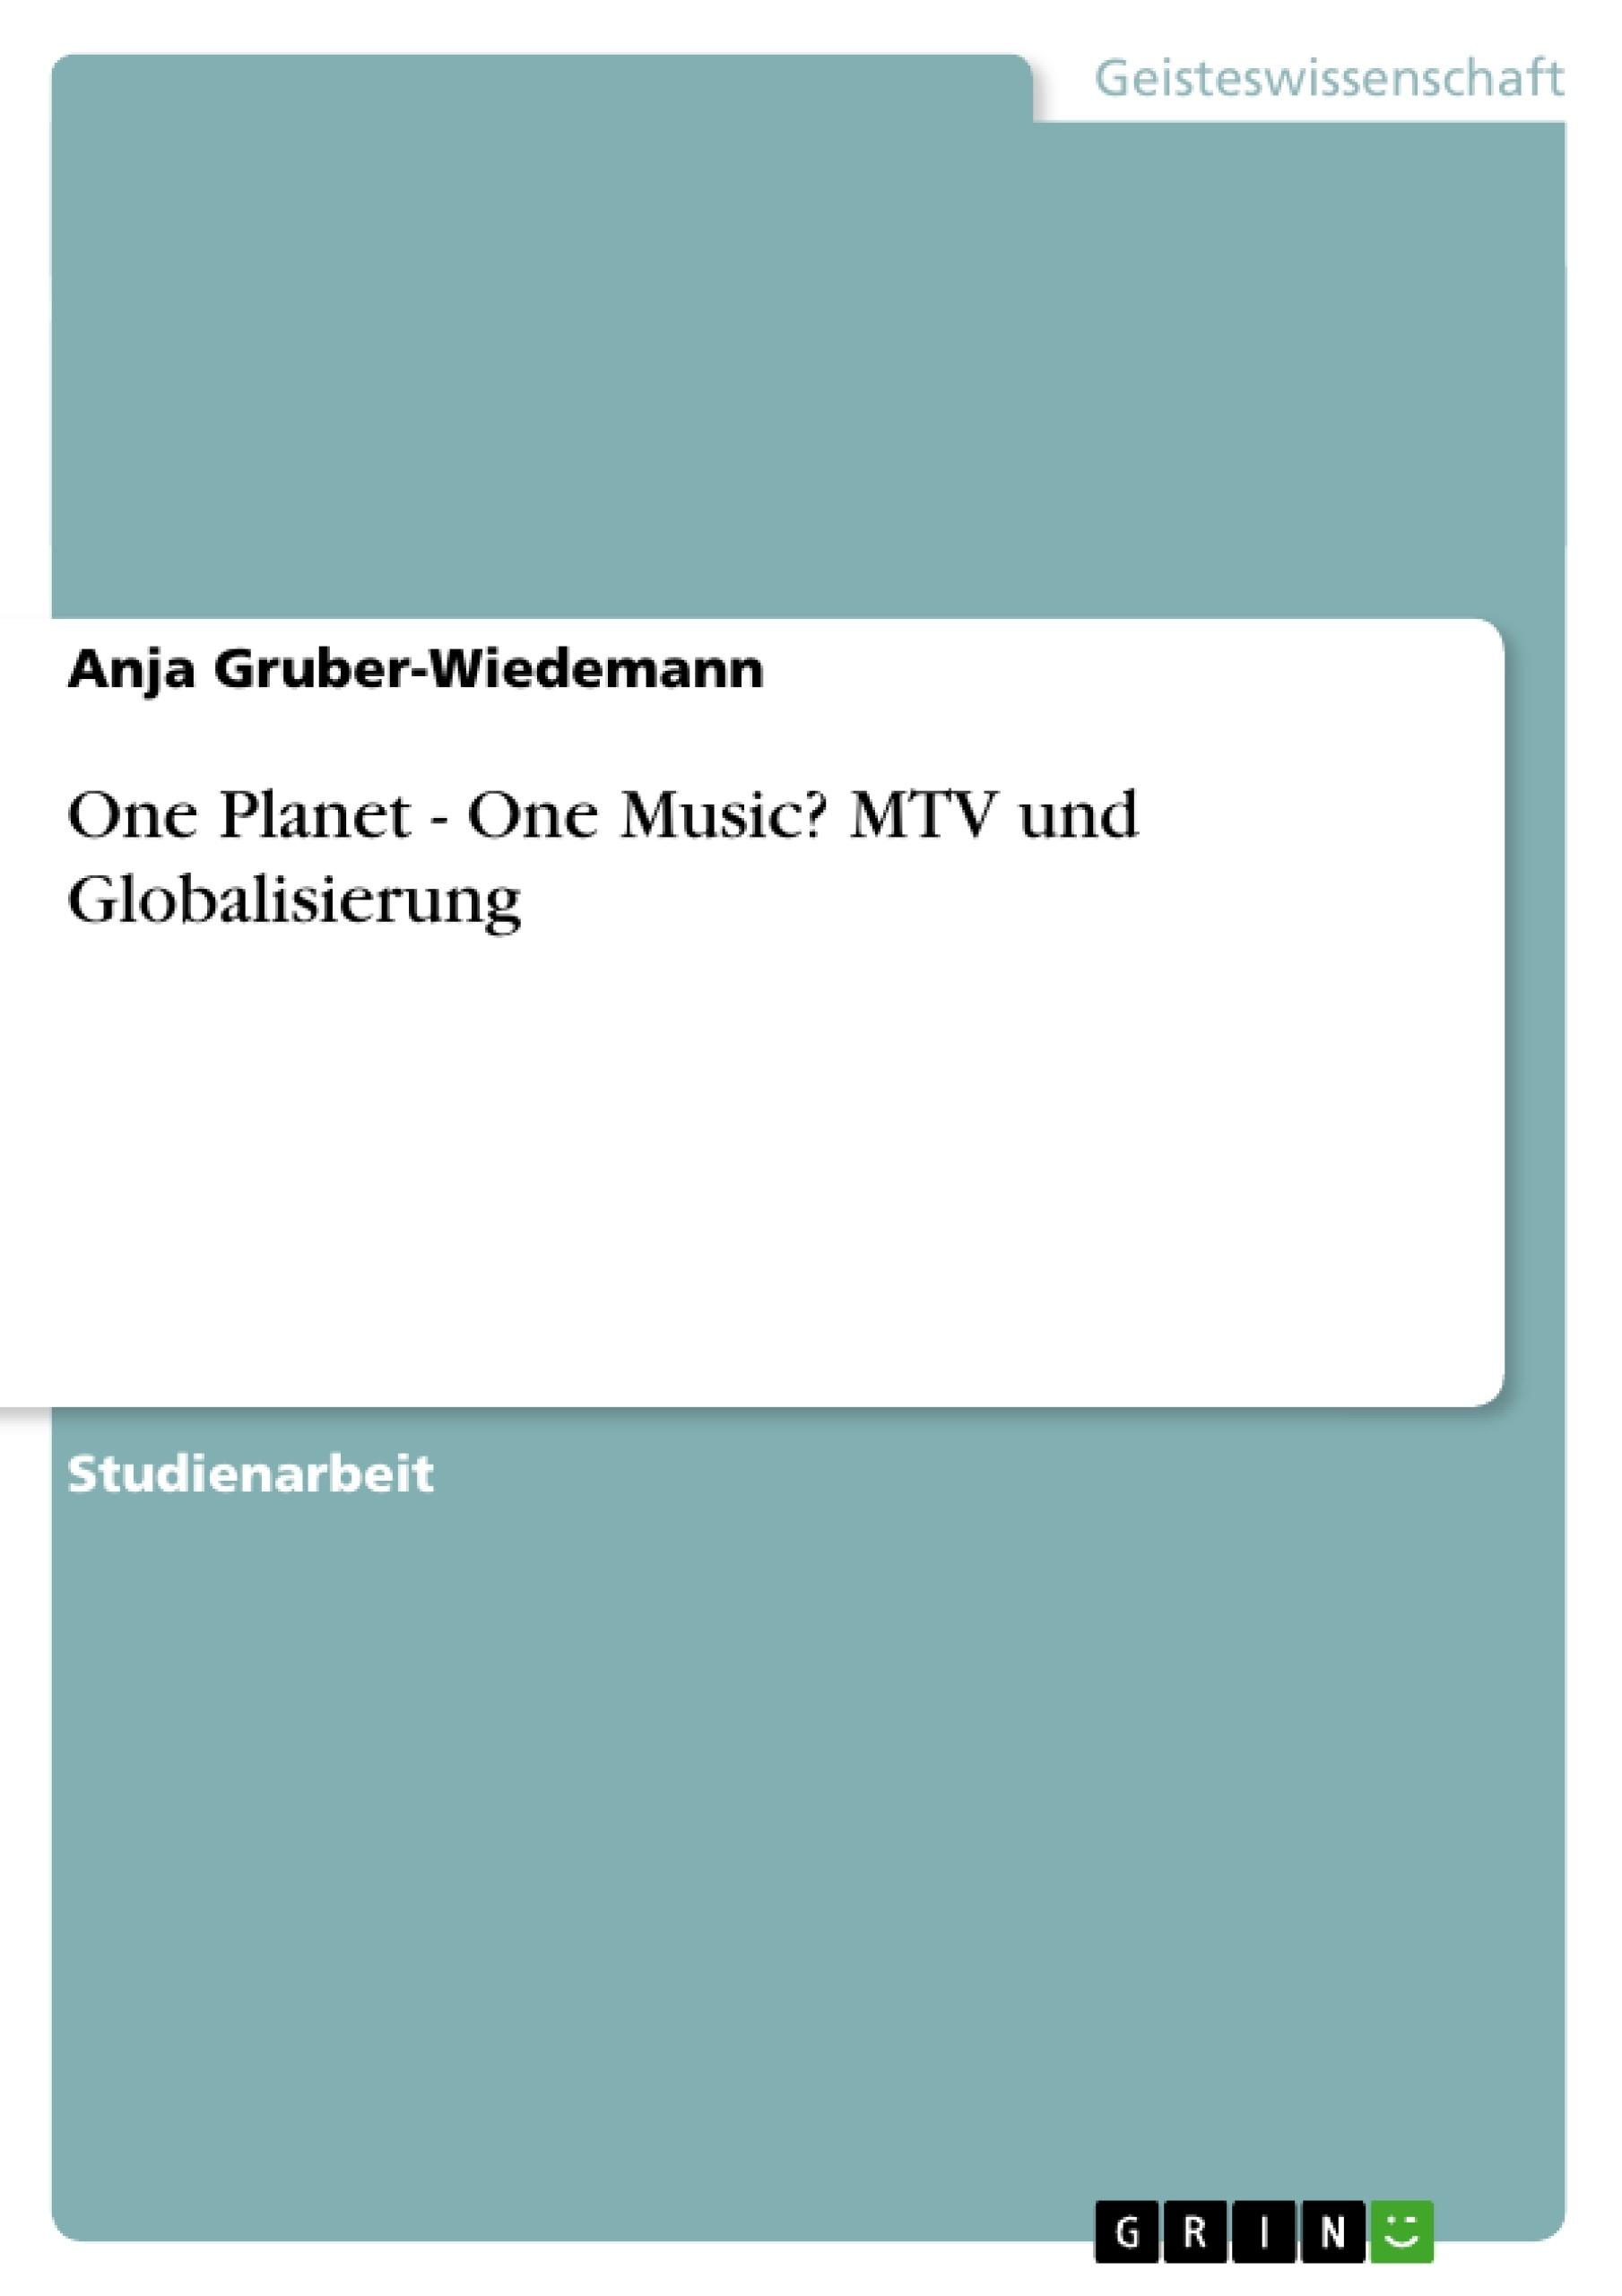 Titel: One Planet - One Music? MTV und Globalisierung